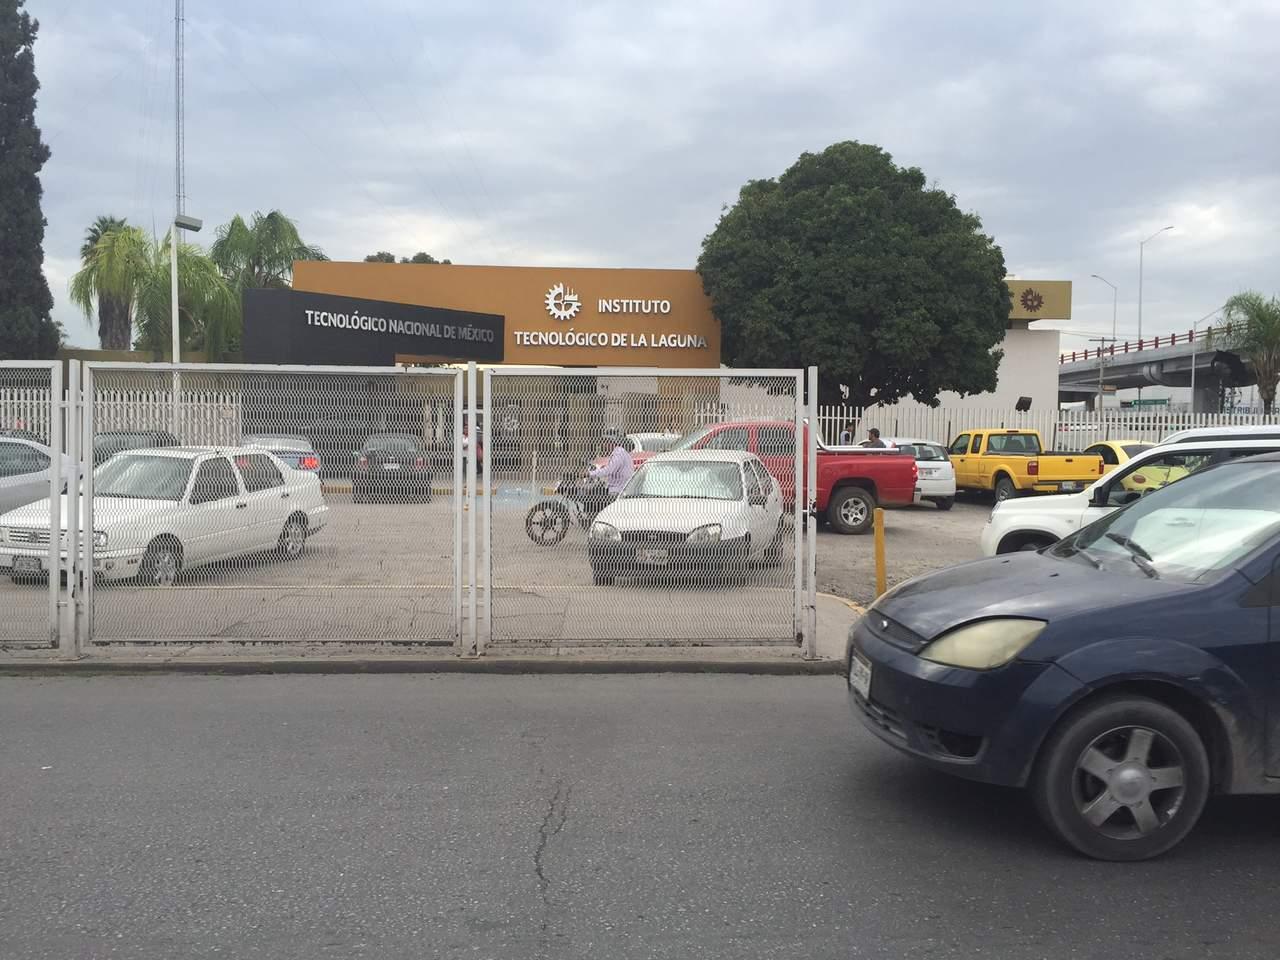 Fallece maestro en estacionamiento del Tecnológico de la Laguna